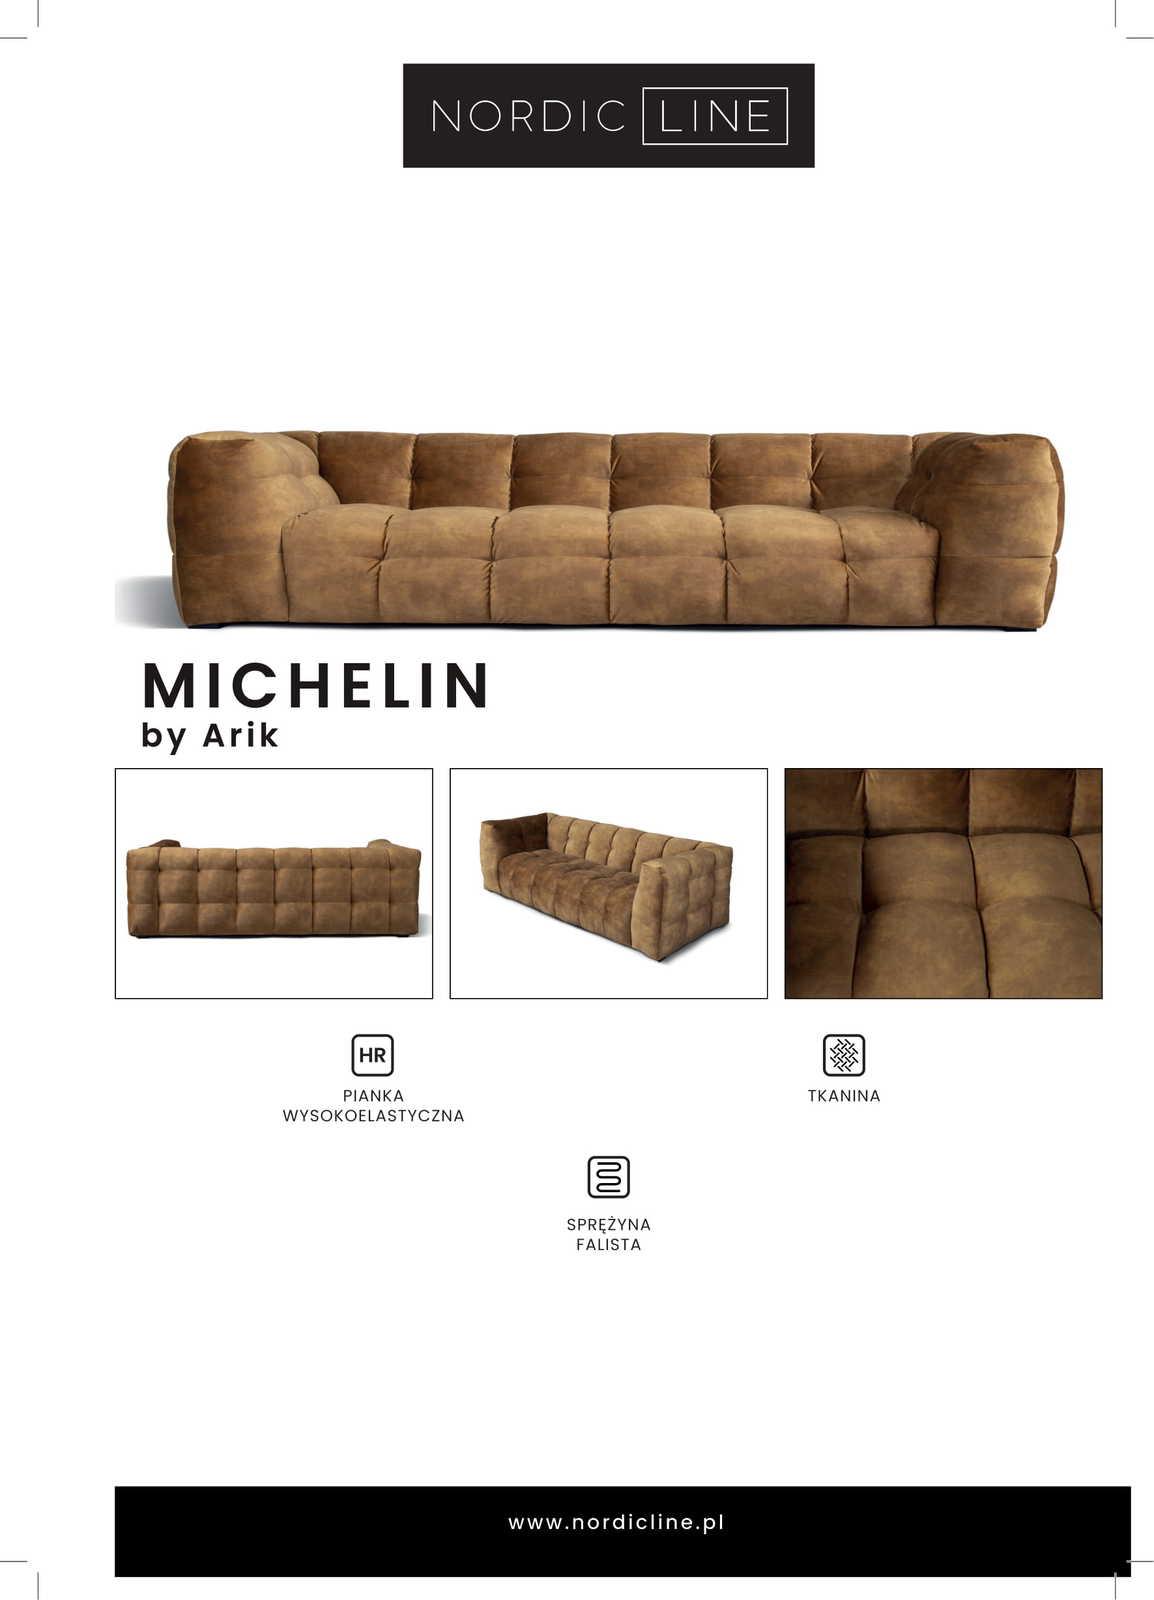 Michelin(krzywe) (5) 1